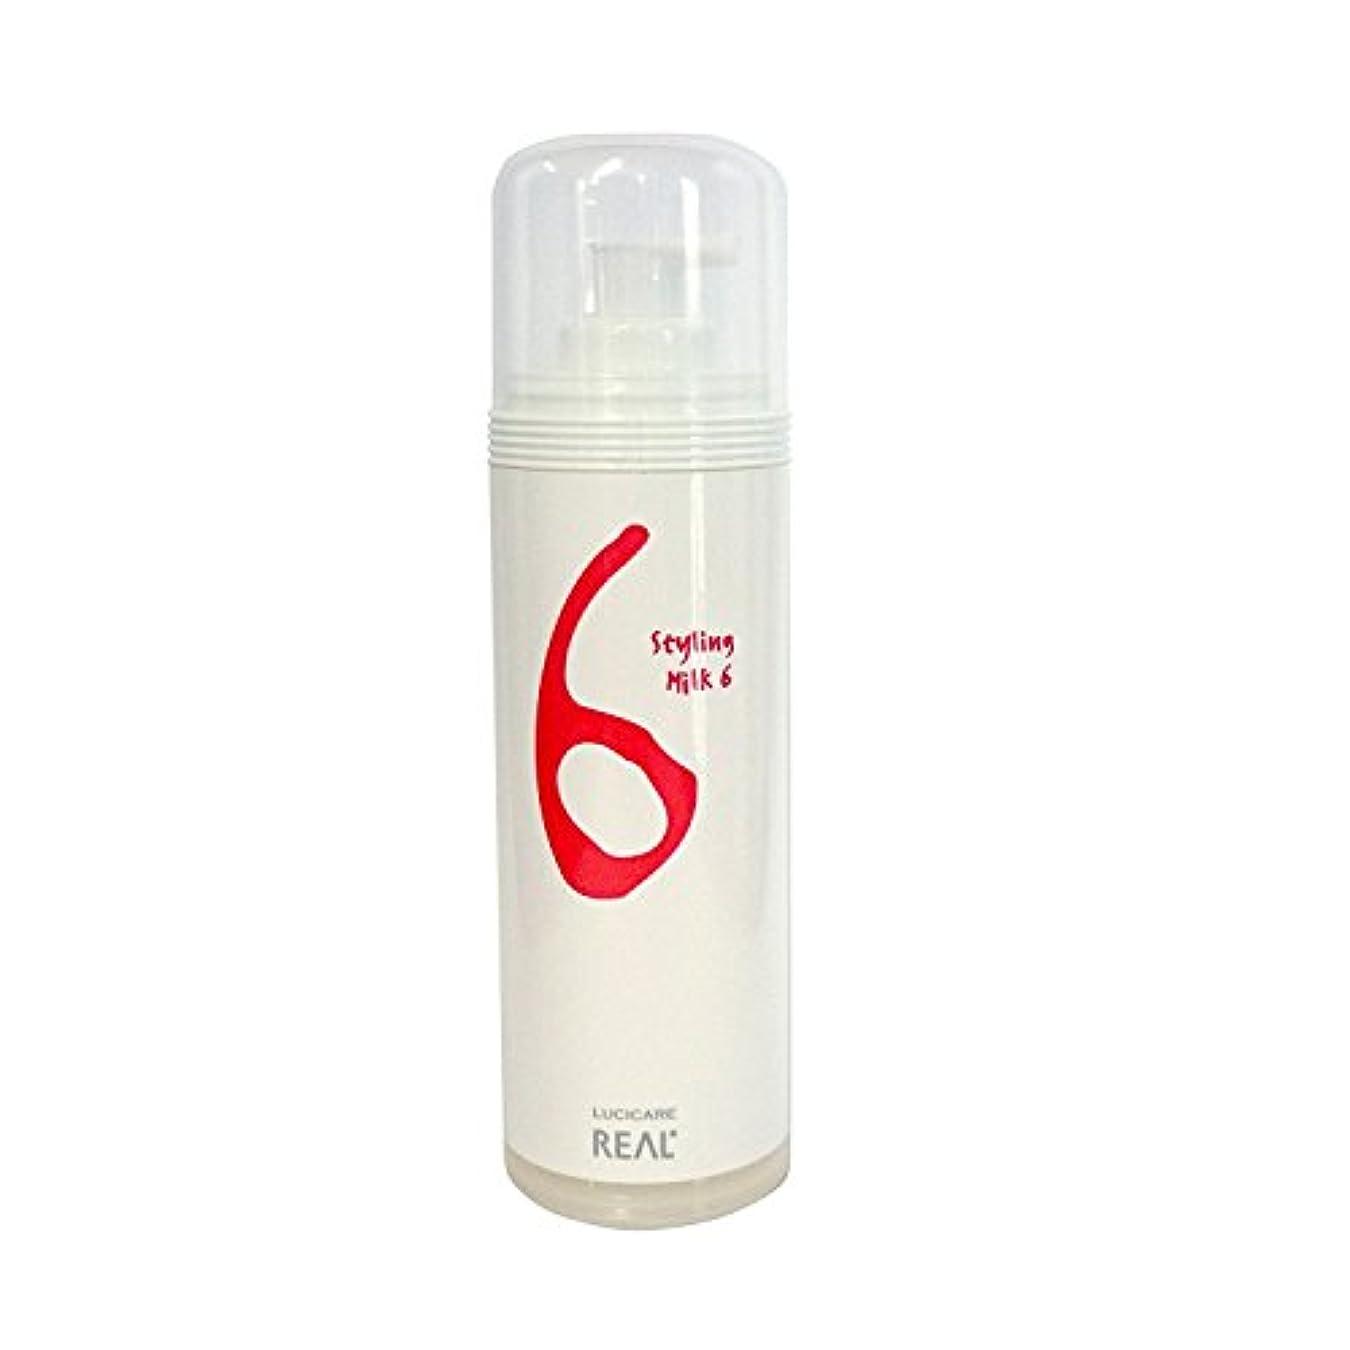 効果的臭い無条件リアル化学 ルシケア スタイリングミルク6 135g